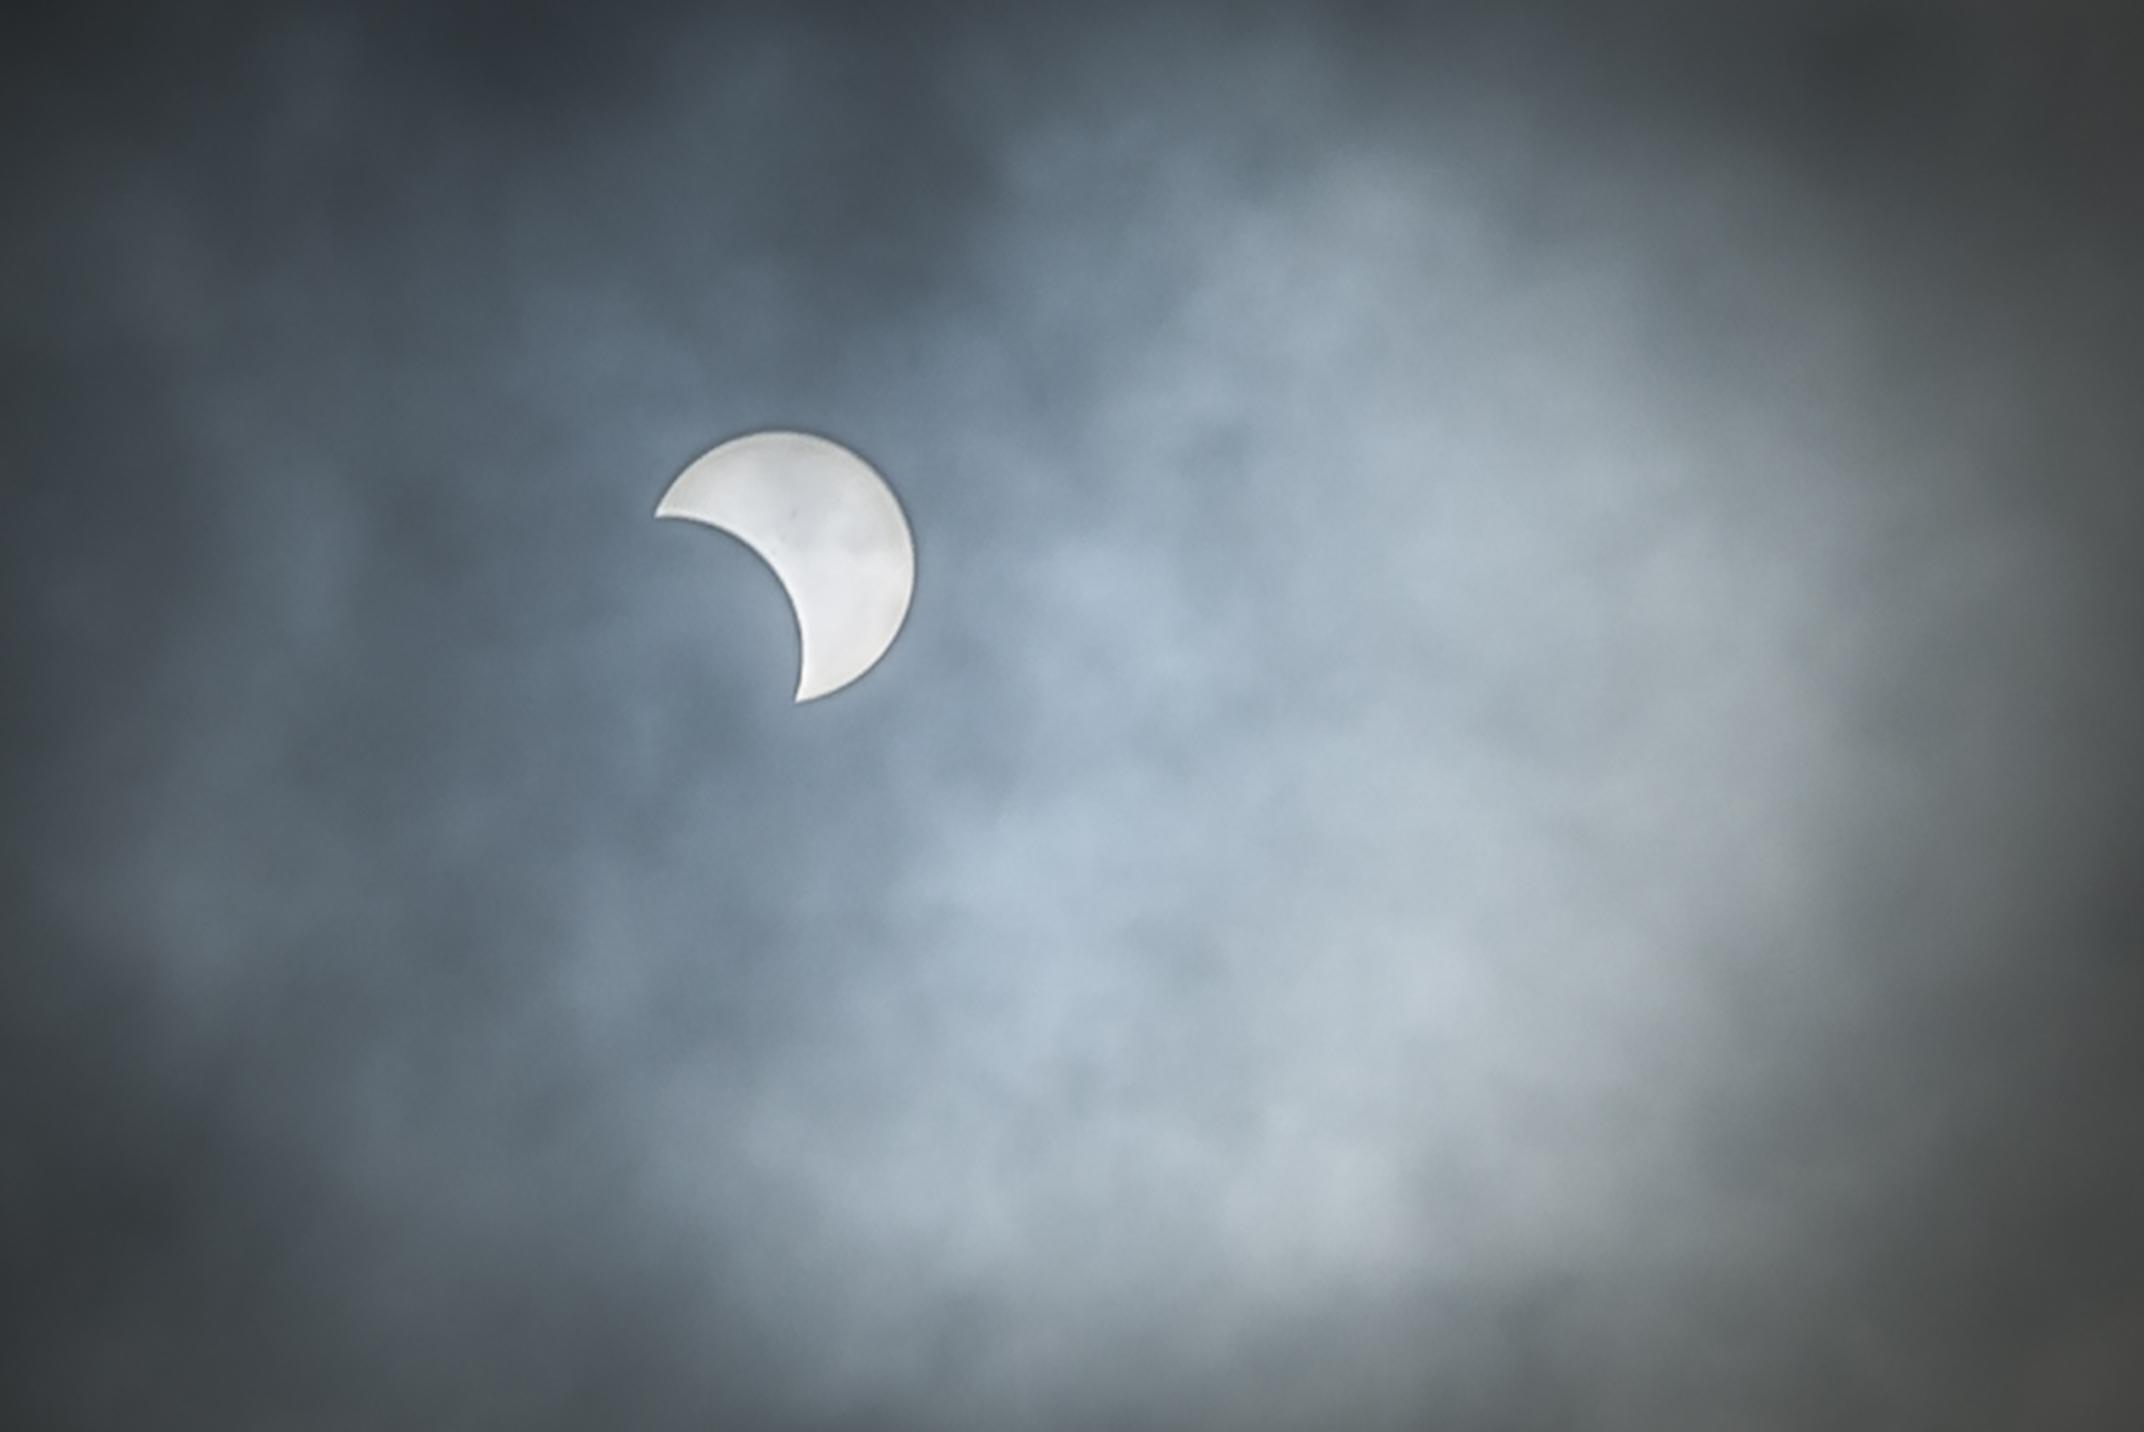 eclipse1c.jpg